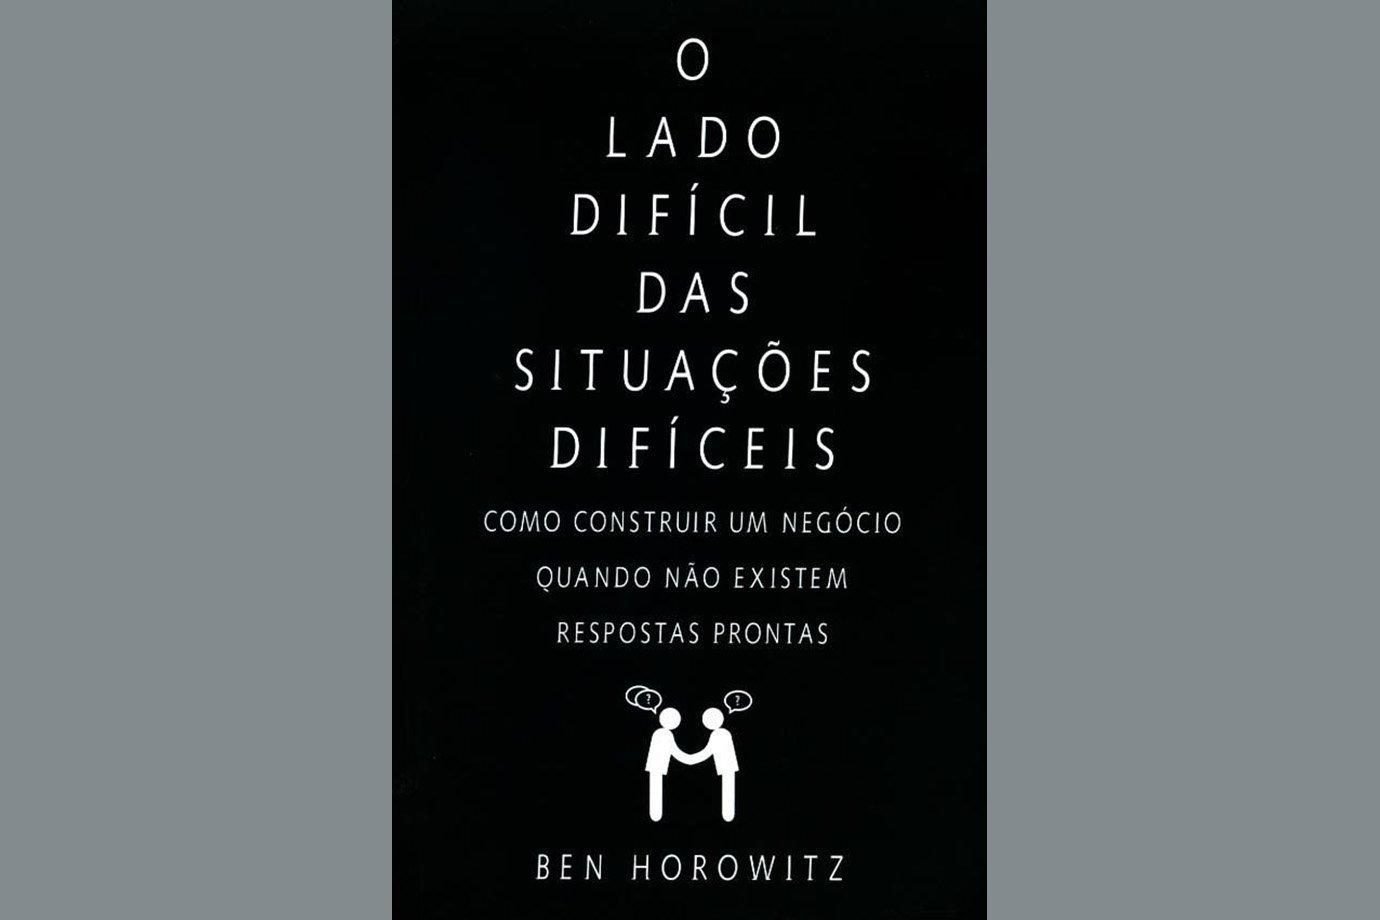 O Lado Difícil das Situações Difíceis, de Ben Horowitz